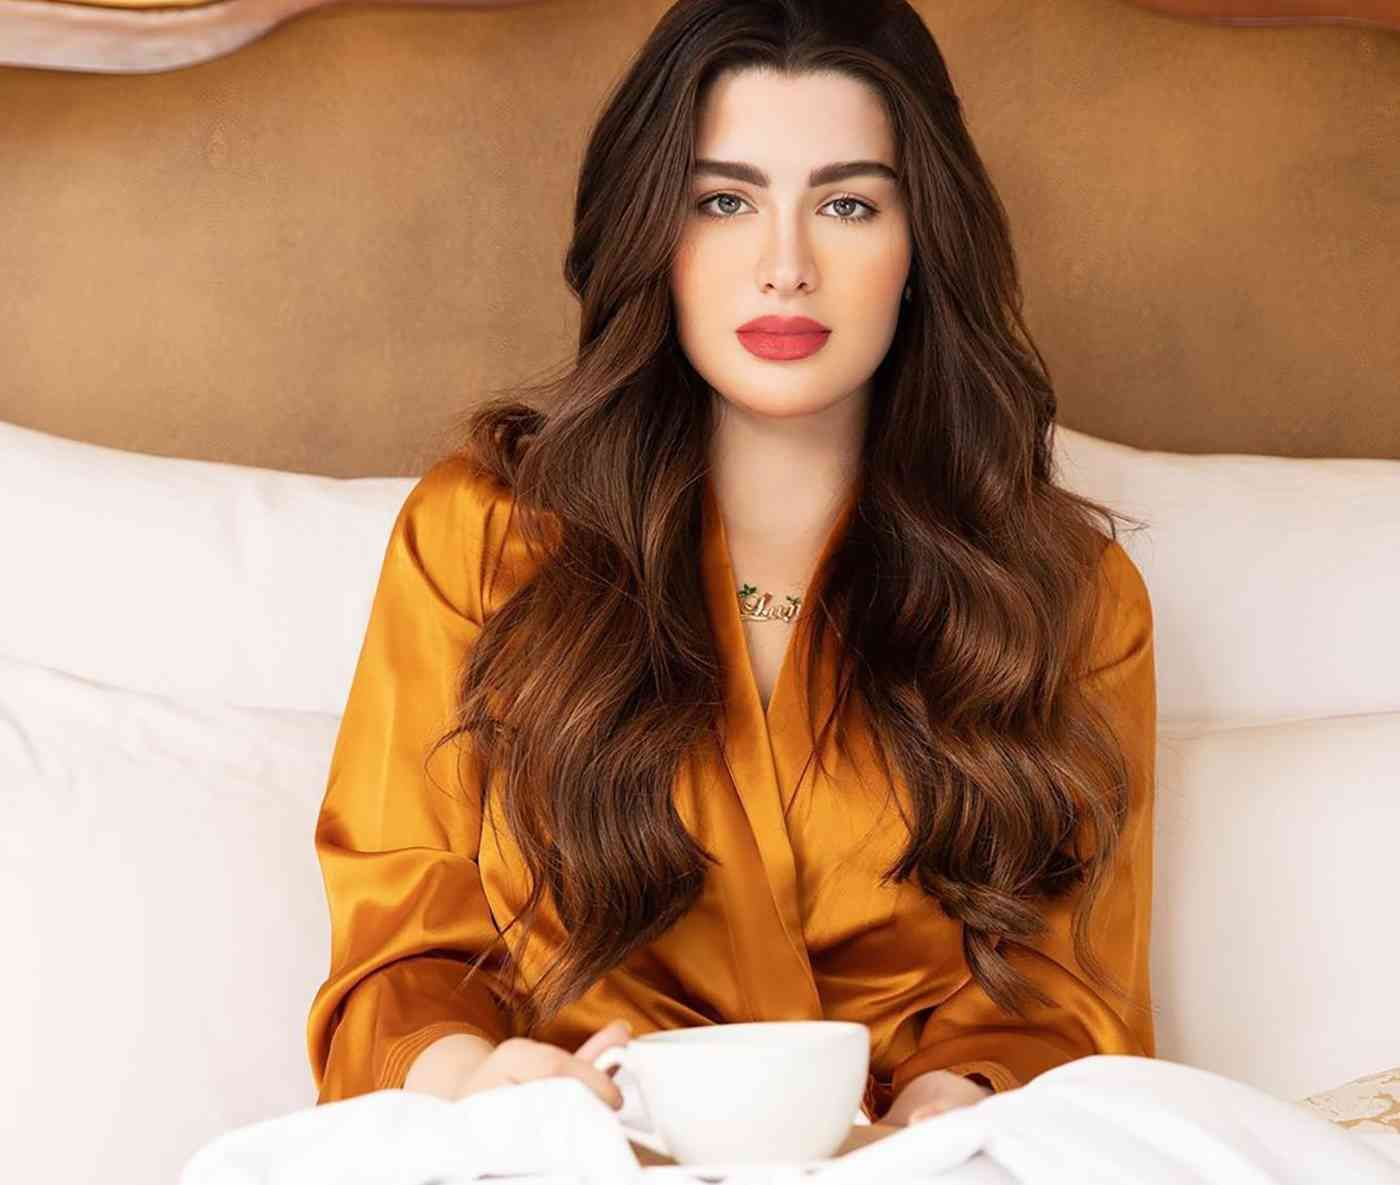 روان بن حسين تكشف تفاصيل مثيرة عن طلاقها اليمن الغد Long Hair Styles Arab Beauty Beauty